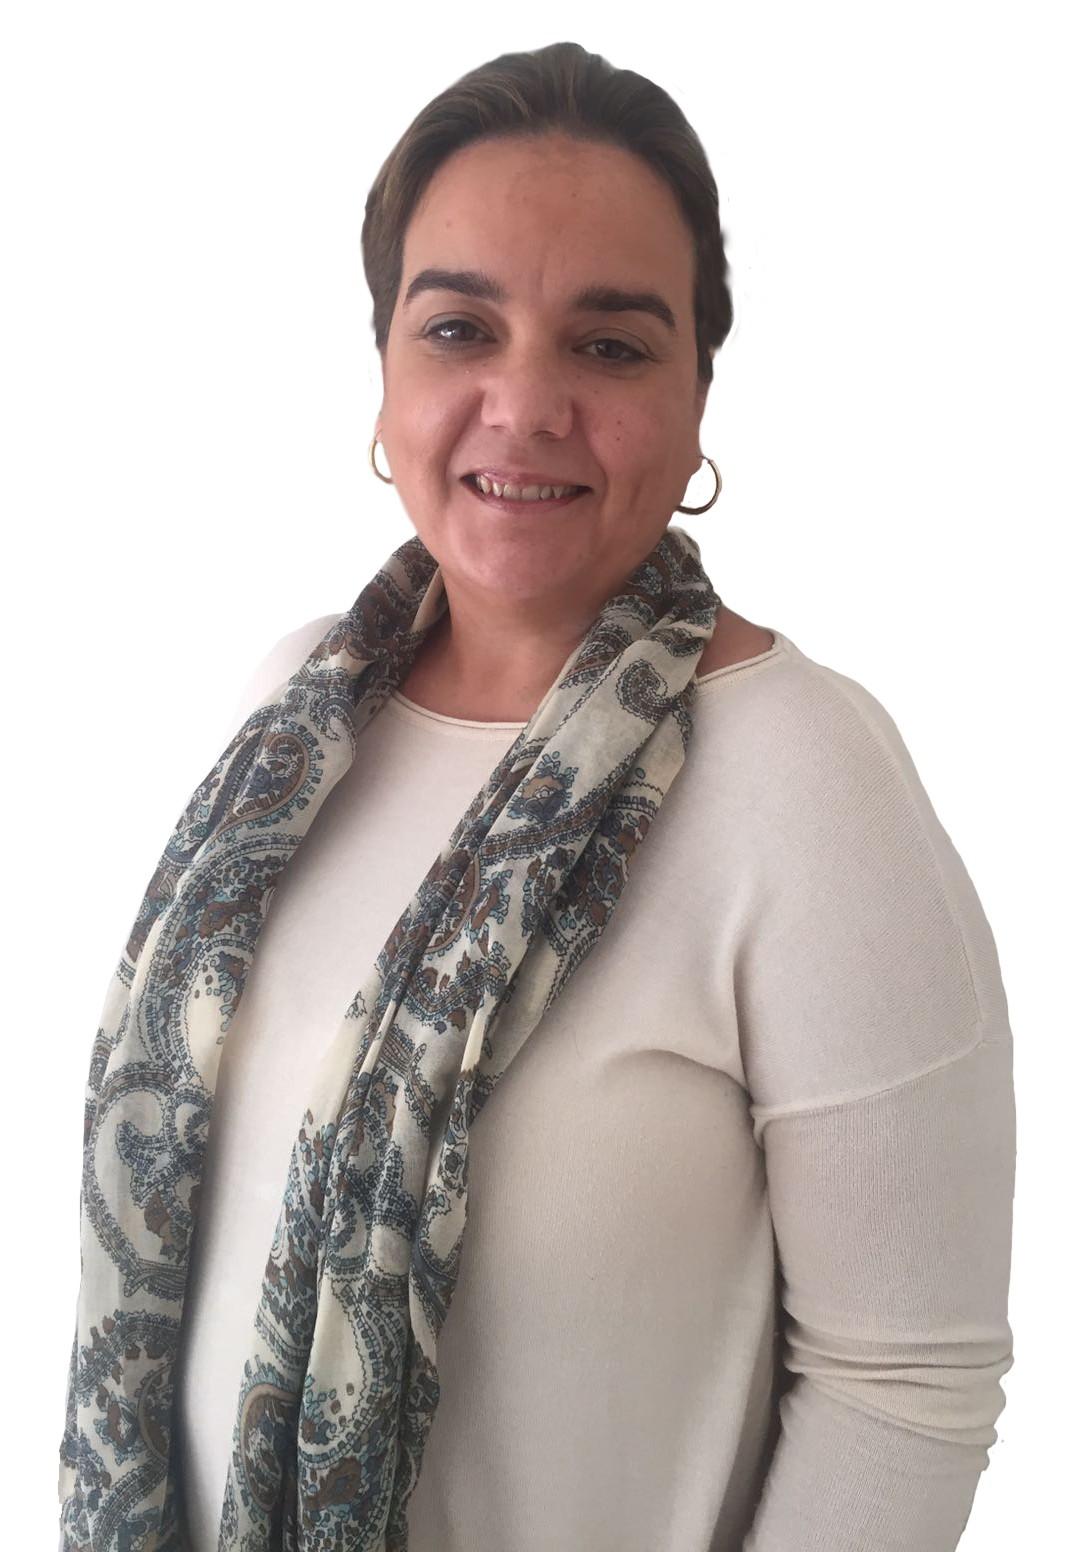 Montse Arteaga Bernal